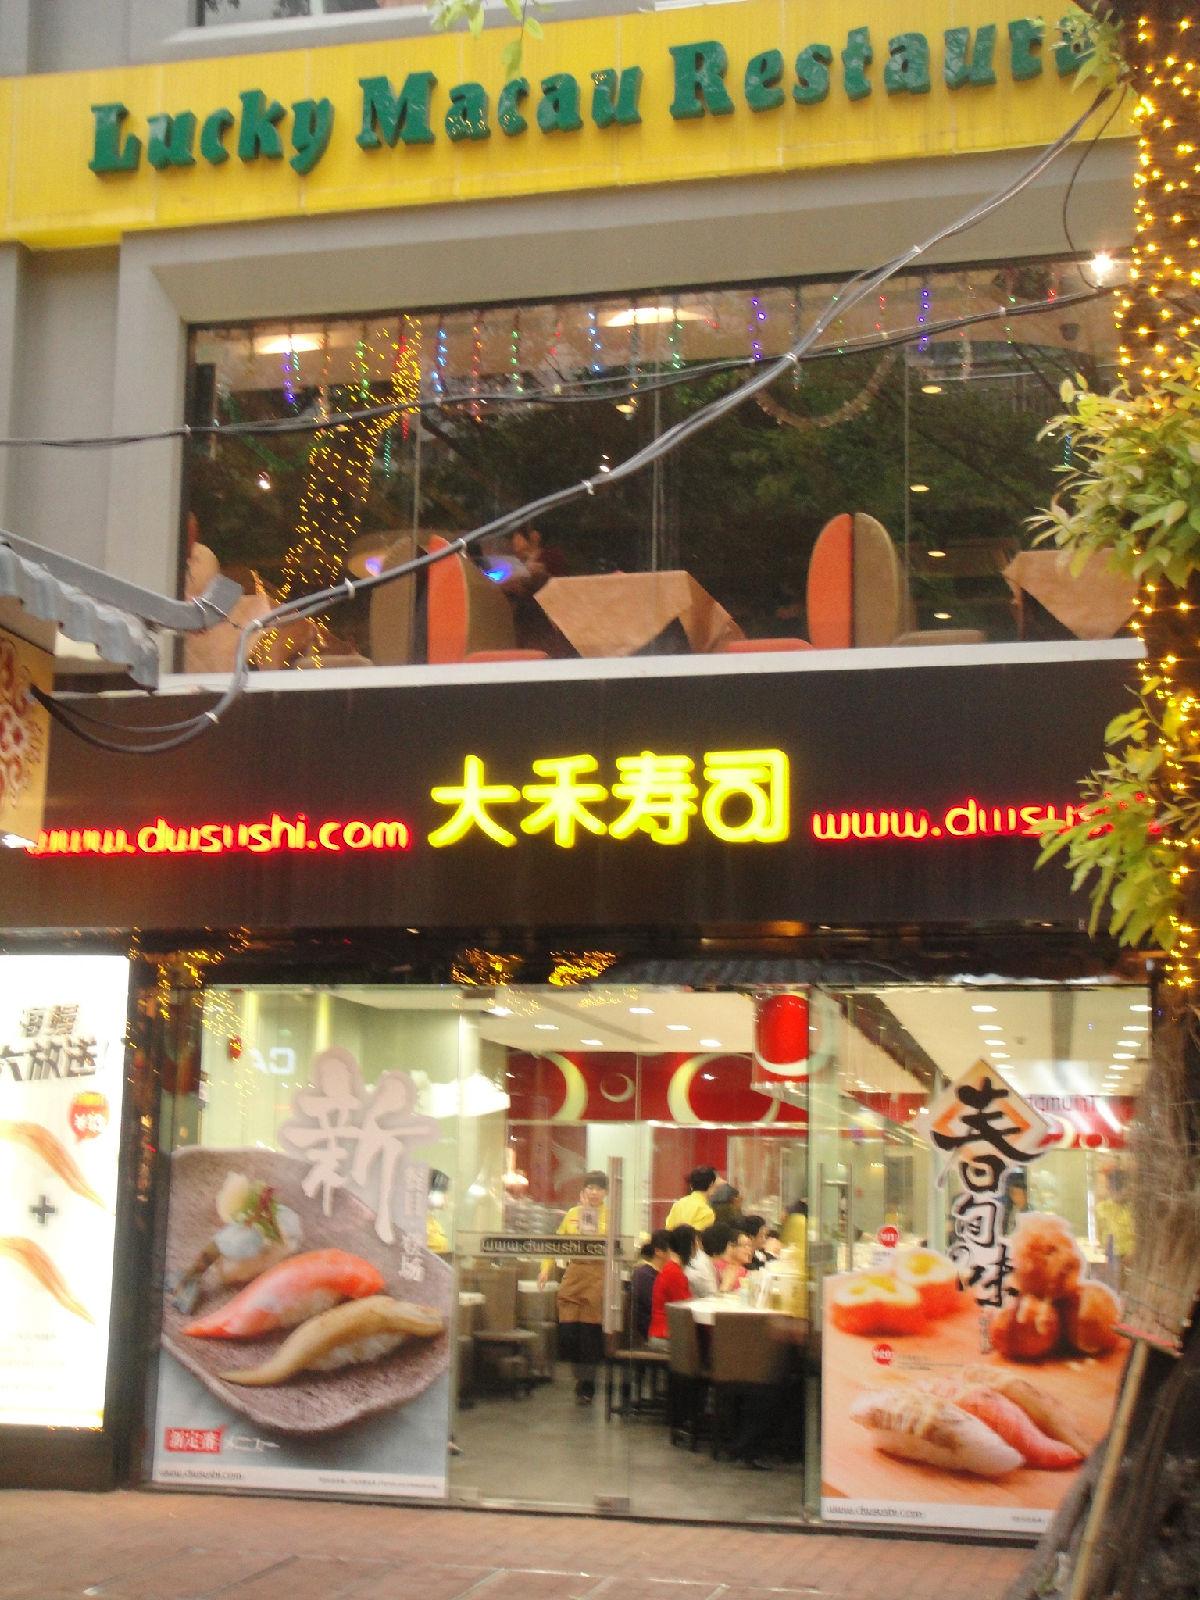 标签:美食 日本料理 北京路商业区 日本菜 大禾回转寿司 饭统广州 朋